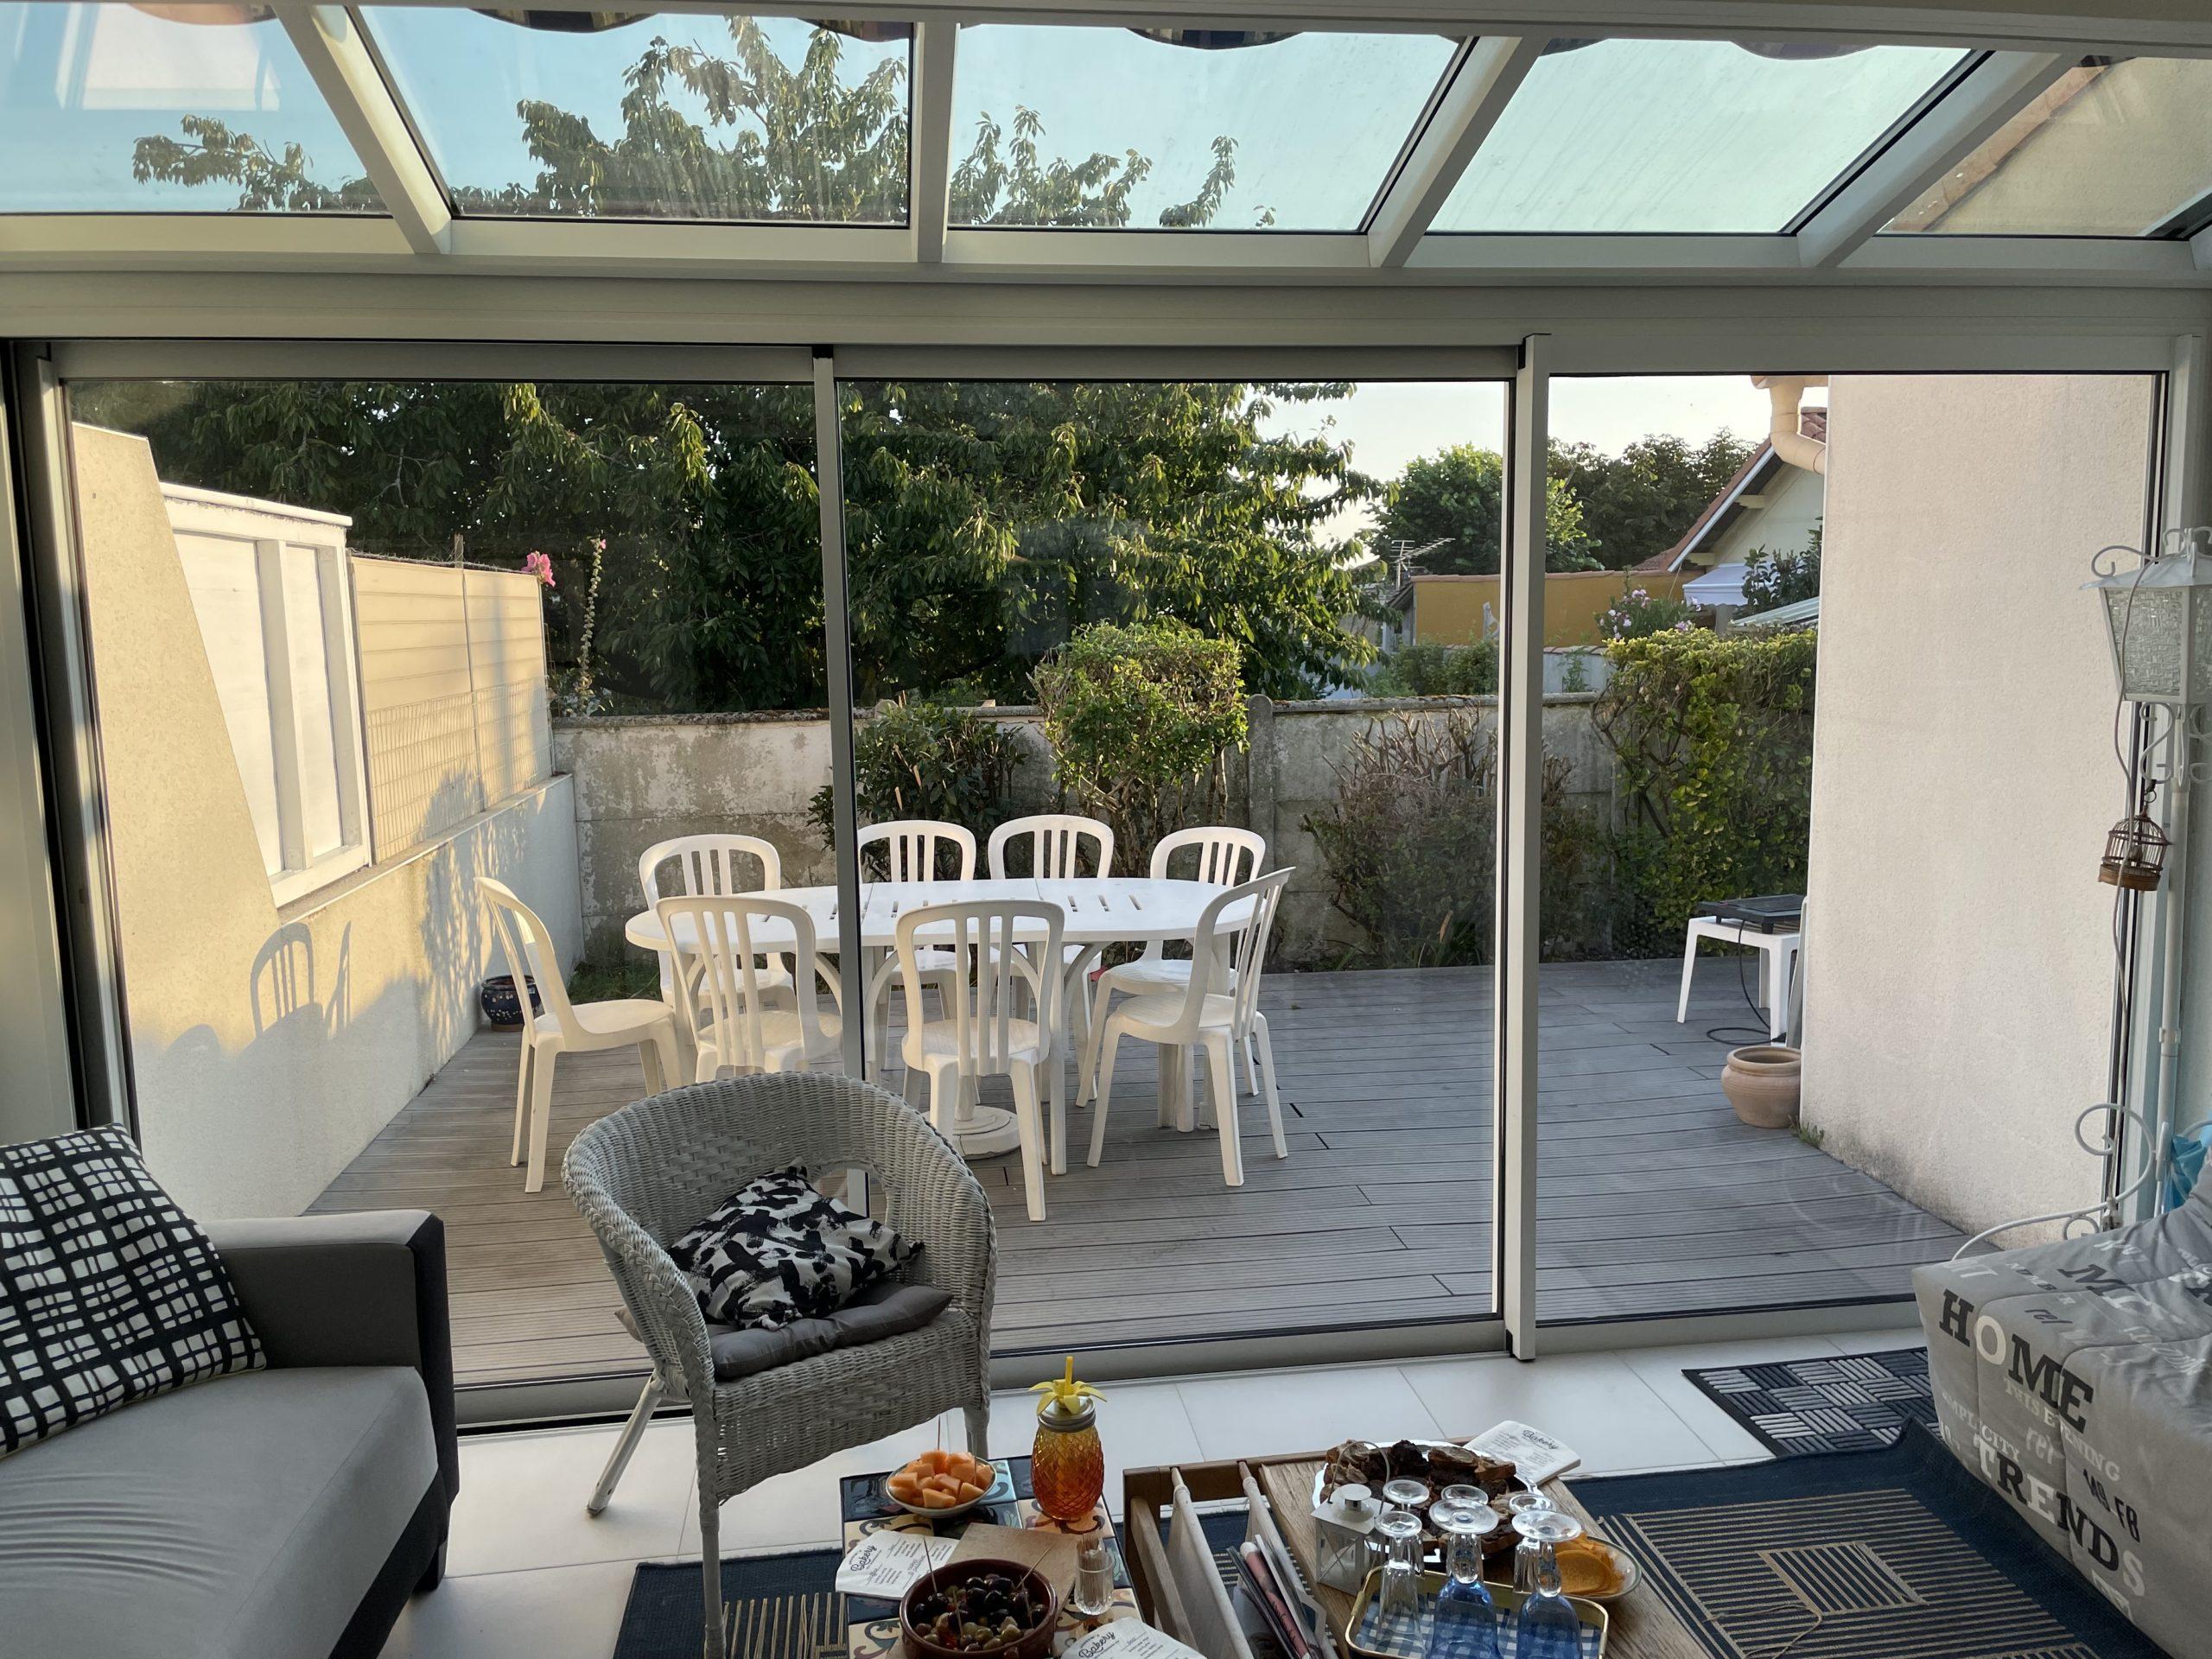 Entreprise spécialisée dans l'extension maison véranda, exemple d'une extension de maison à Vaux sur Mer, proche de Royan.